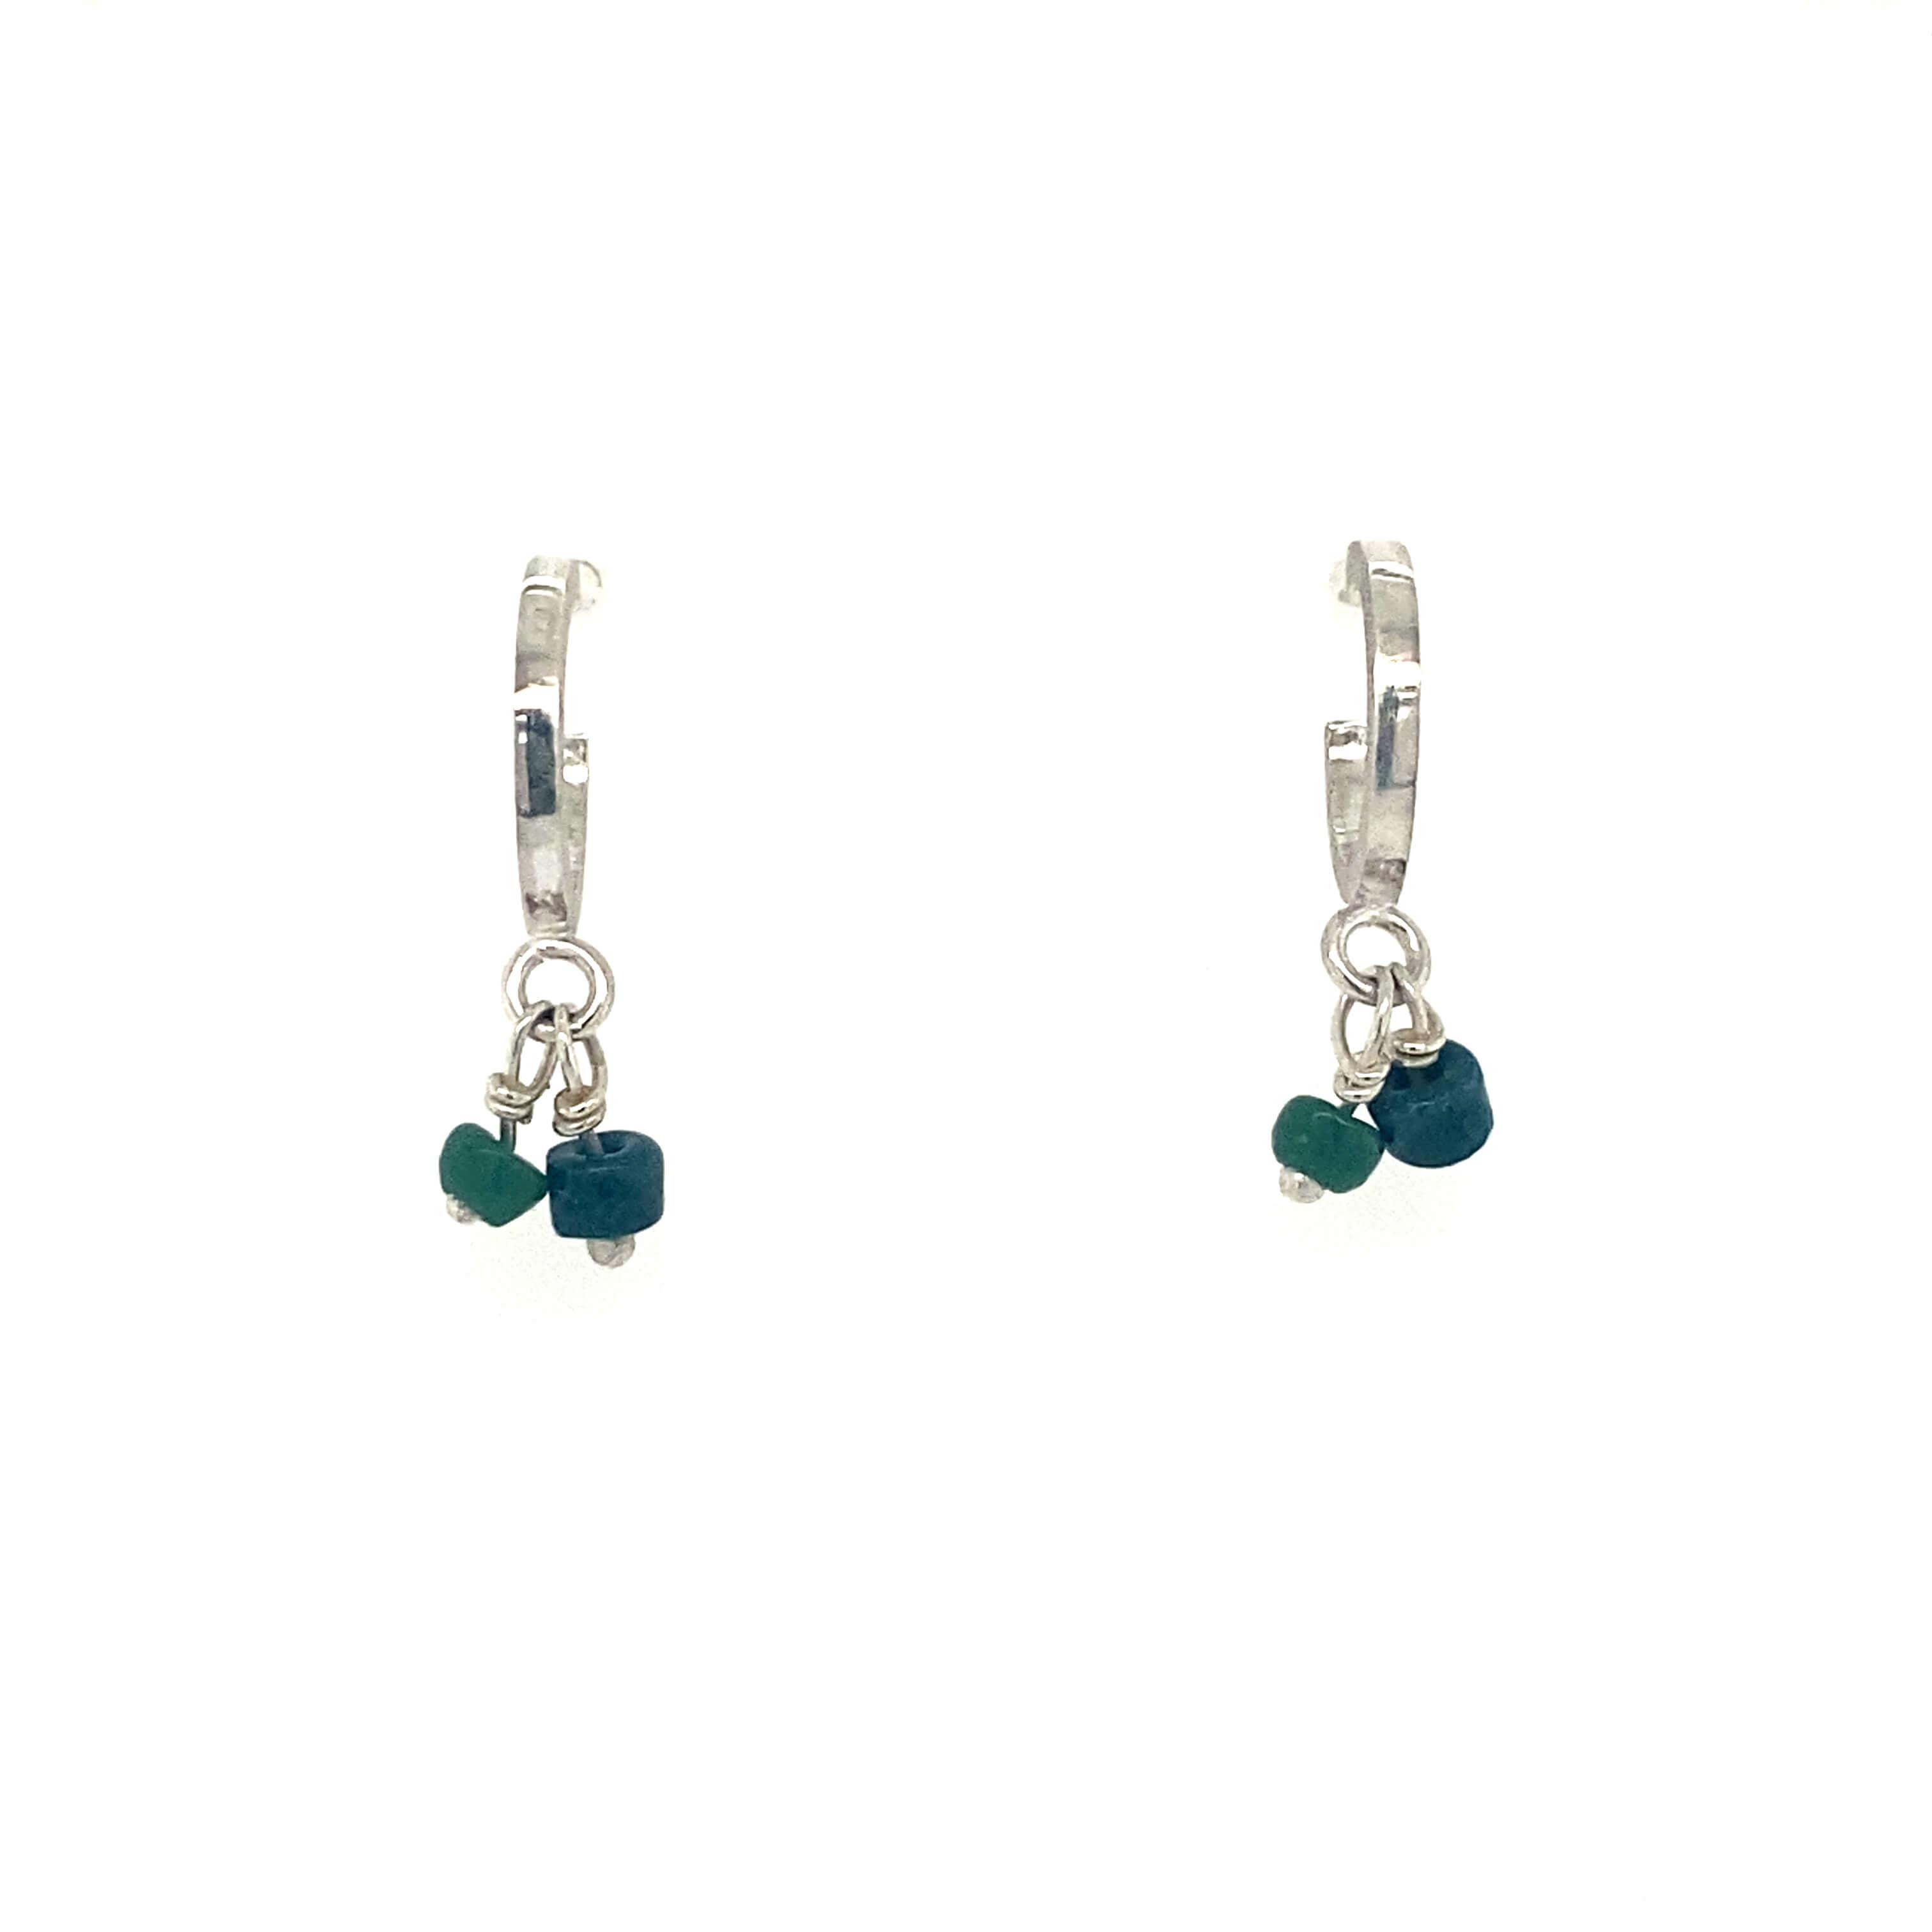 Small hoops Earrings - green